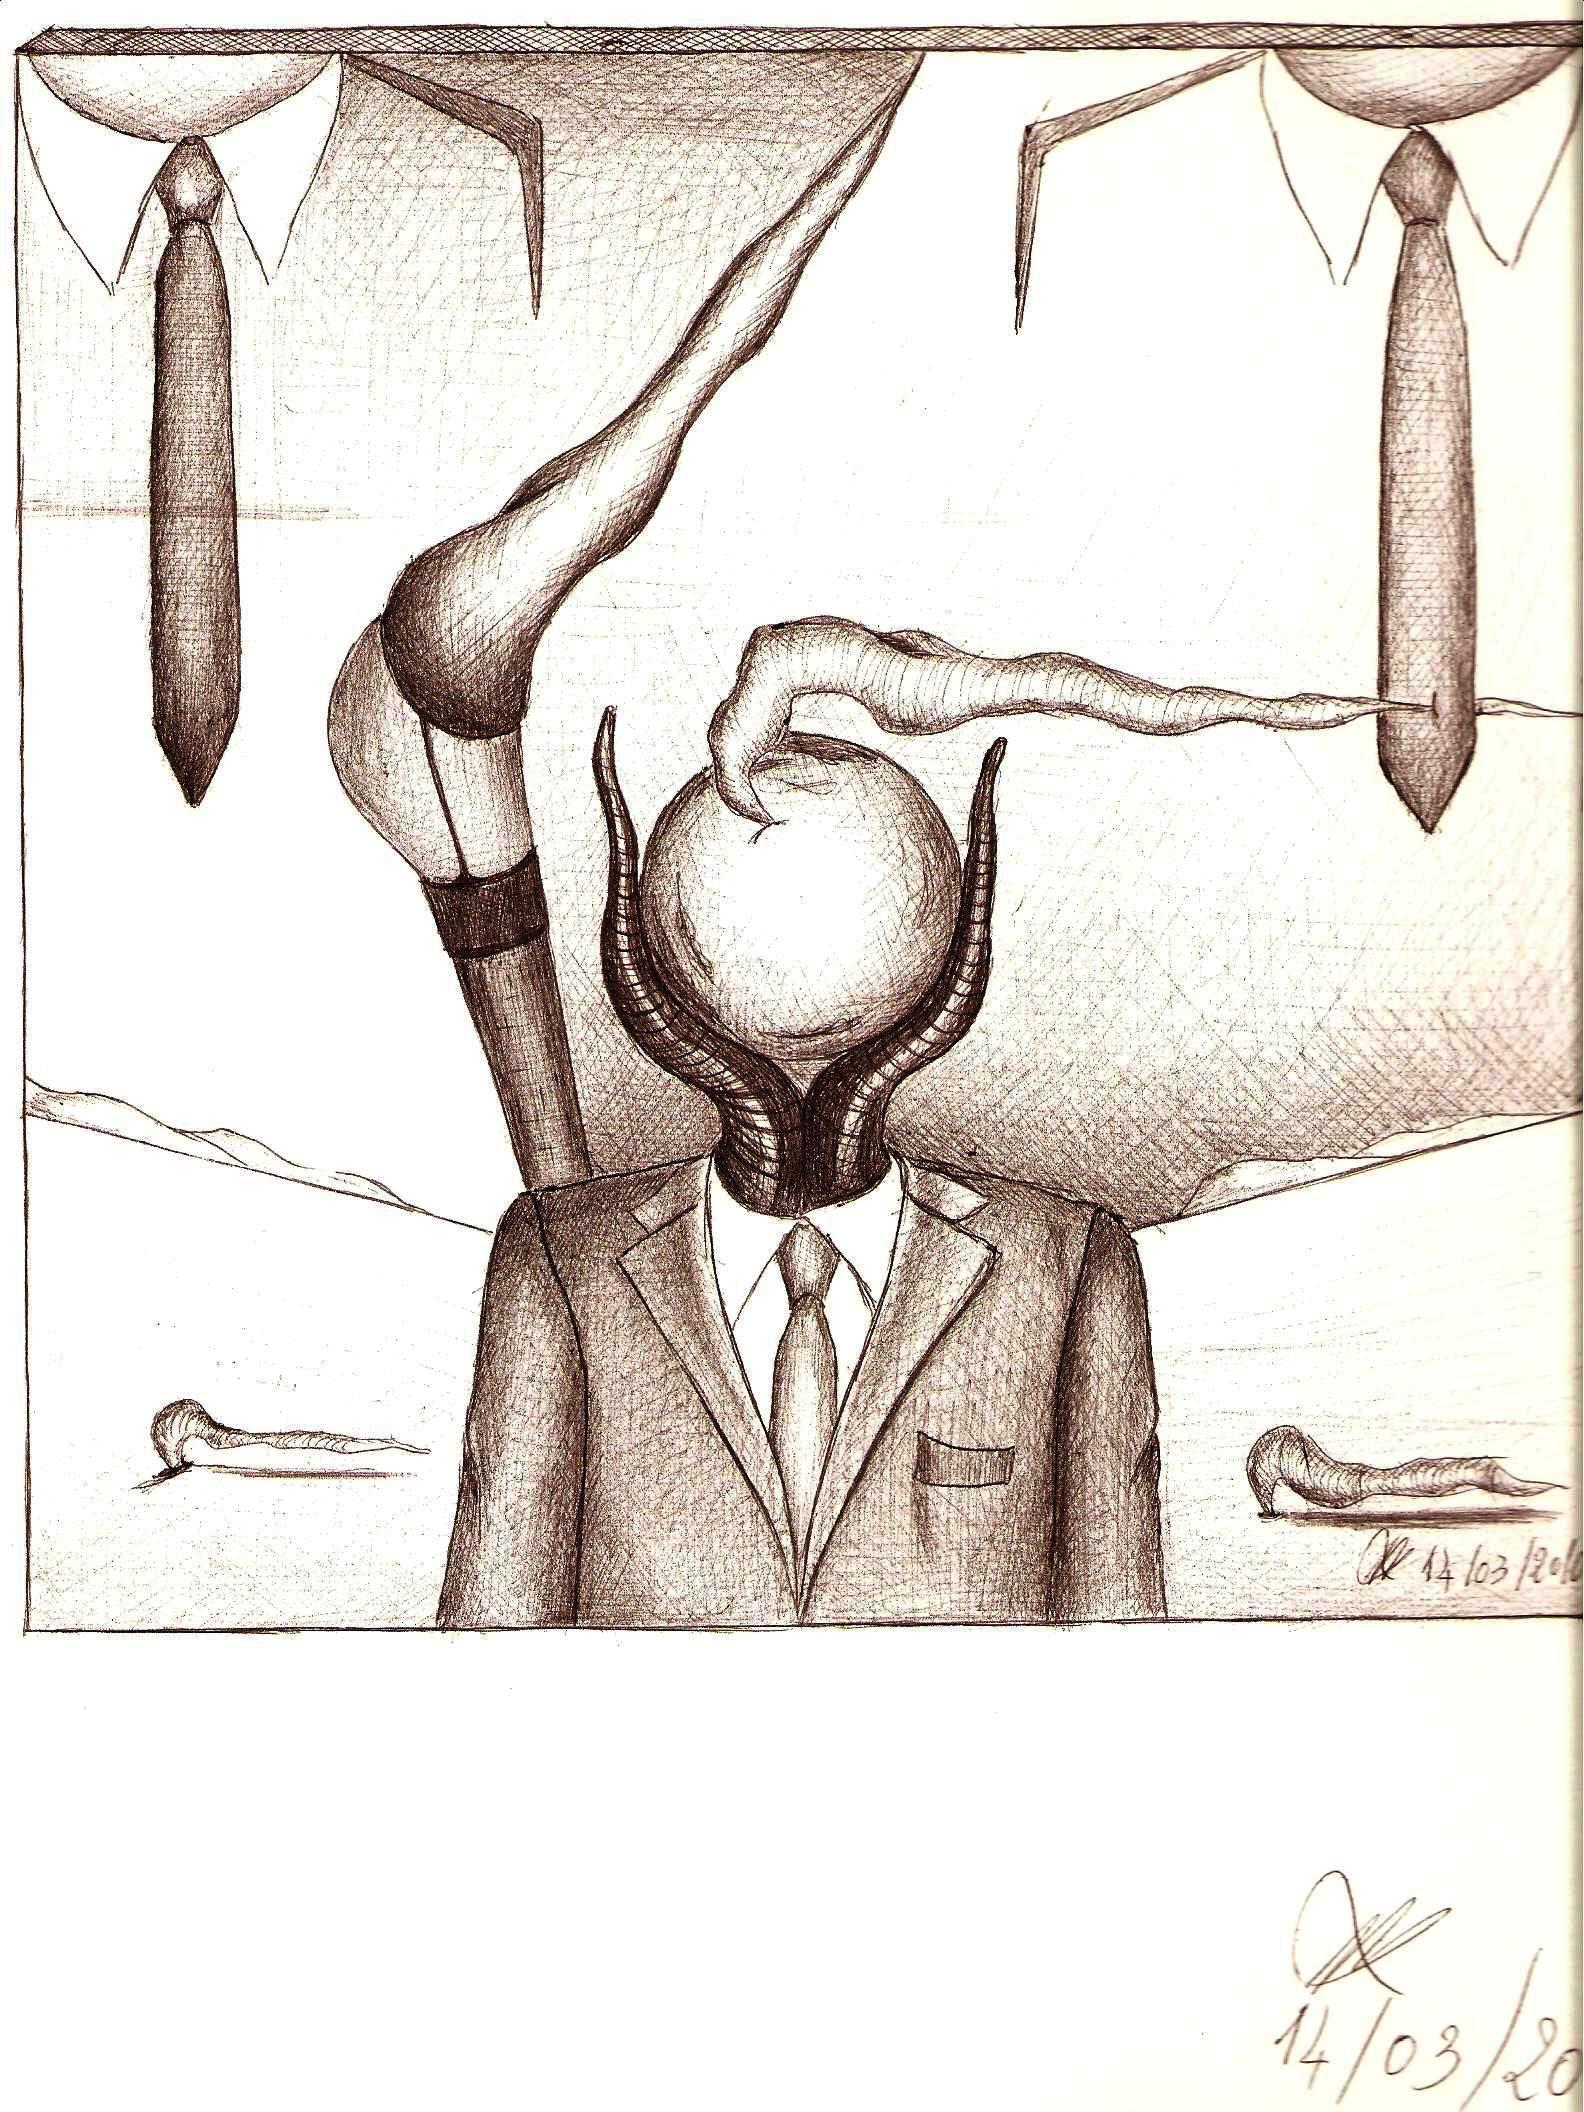 Disegno a penna, Telecronista 2010, Pasquale Mastrogiacomo Acerno(SA)